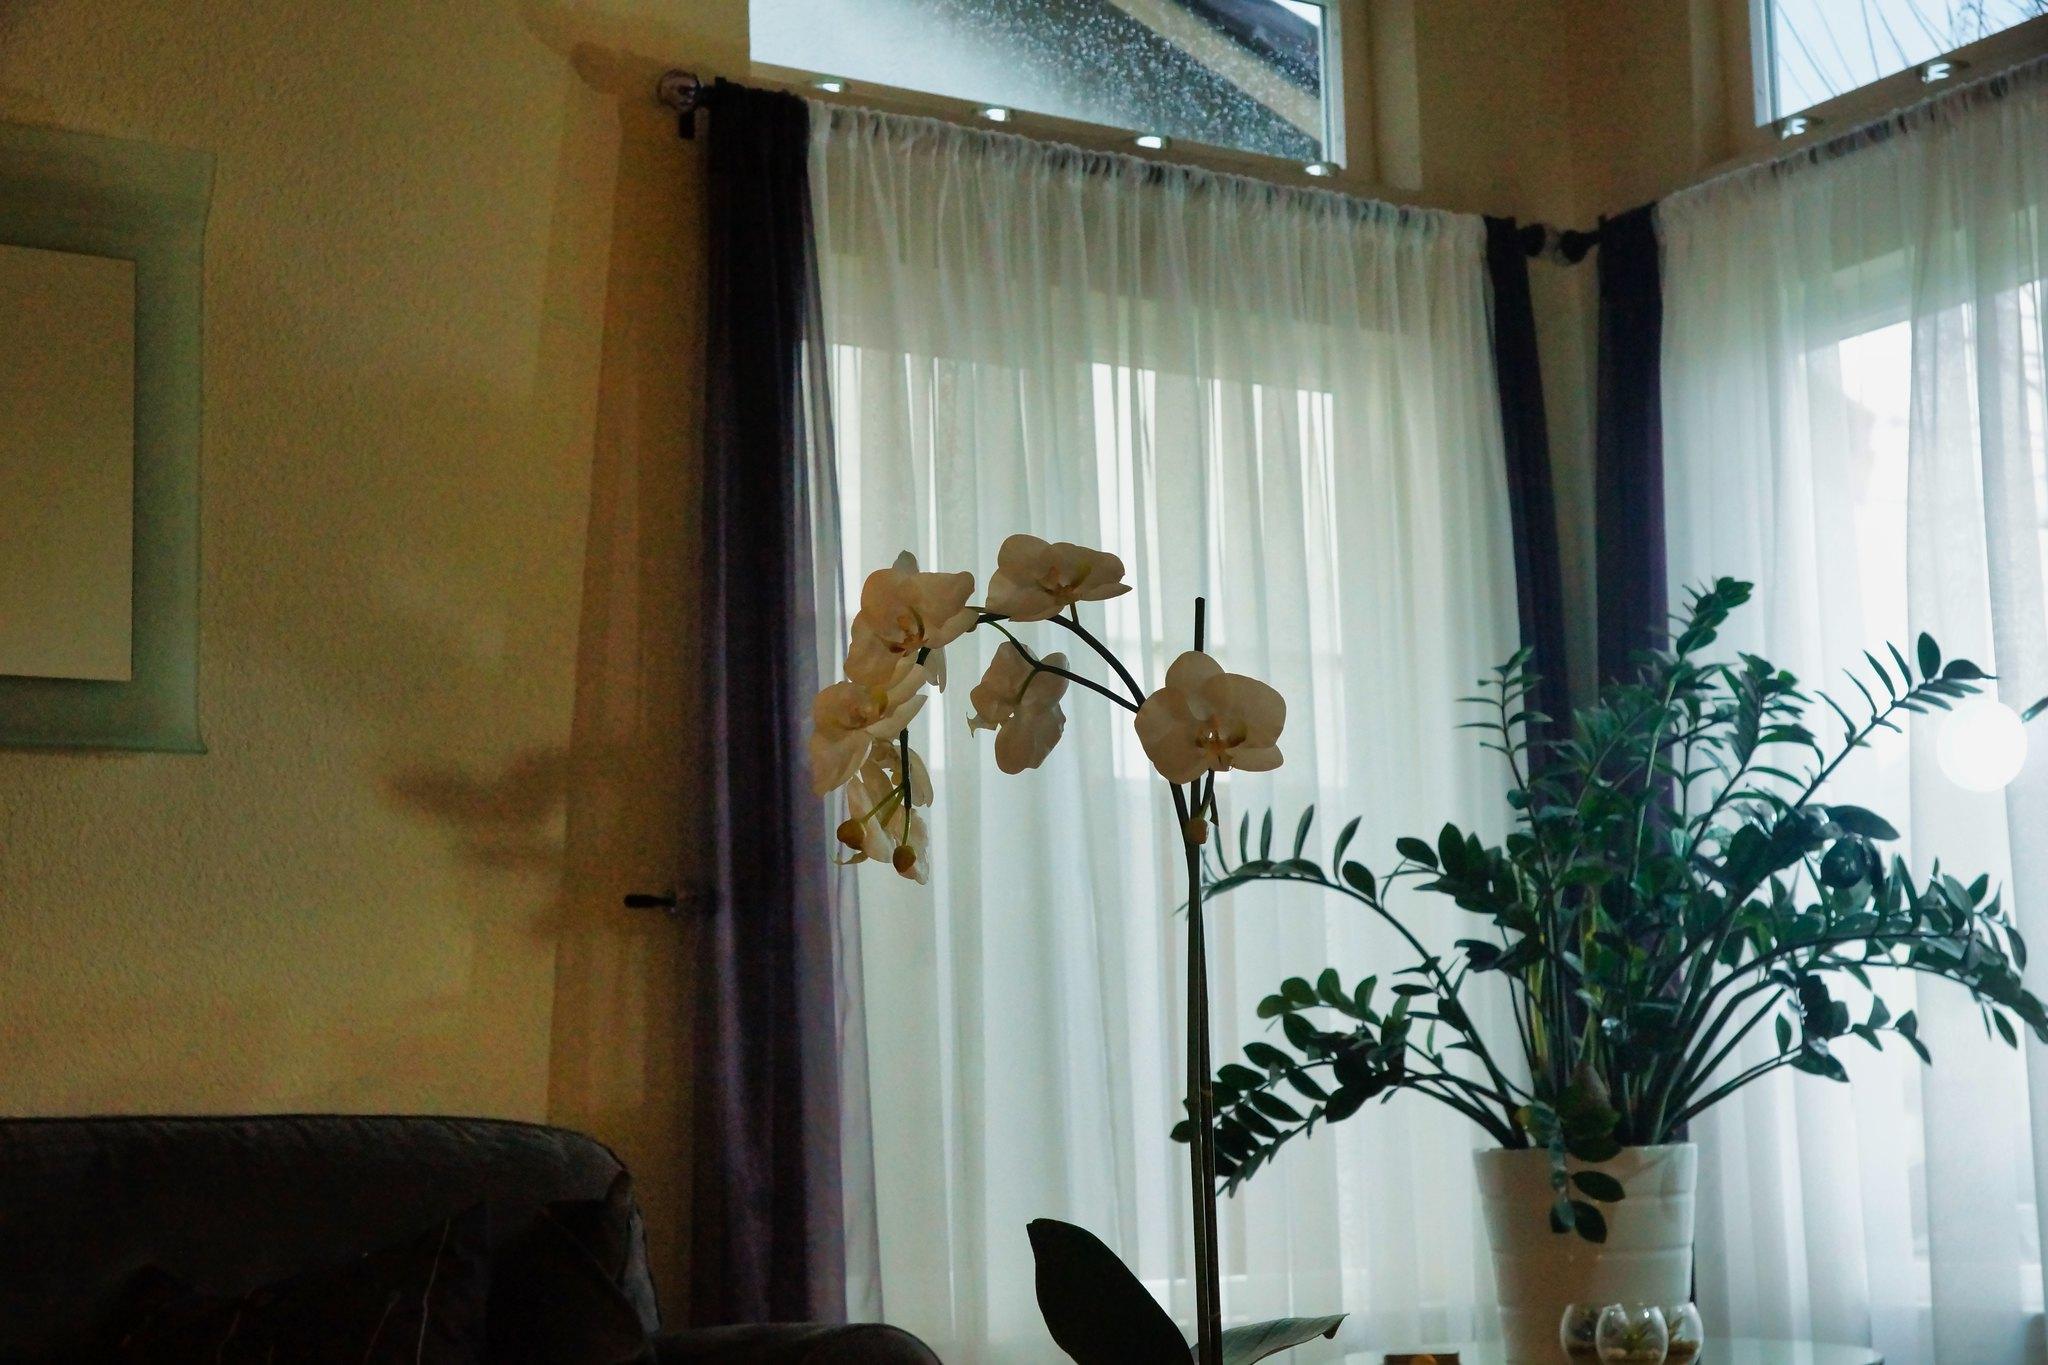 2019-02-14 - Indoor Photography - Indoor Decorations, Set 2